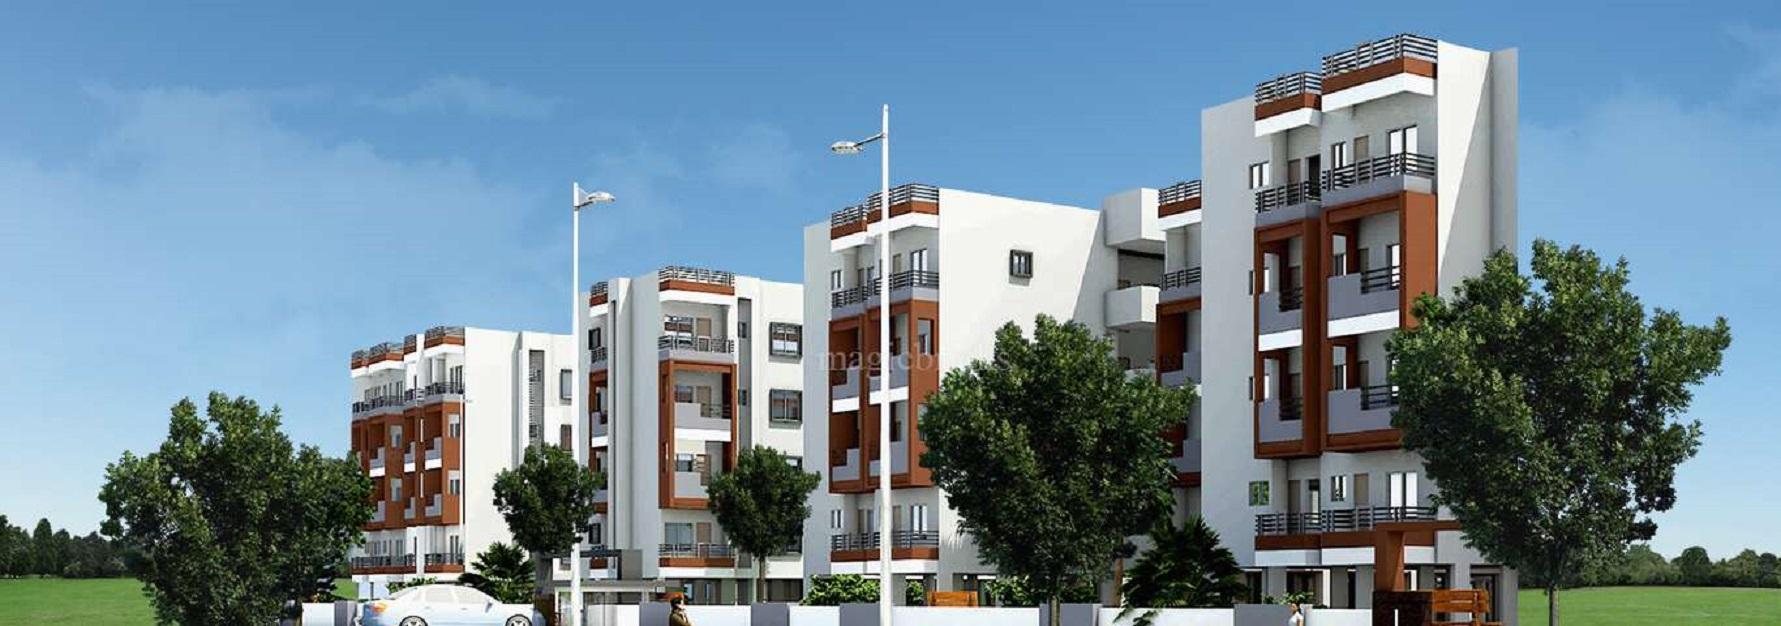 Pariwar Properties Pariwar Palace